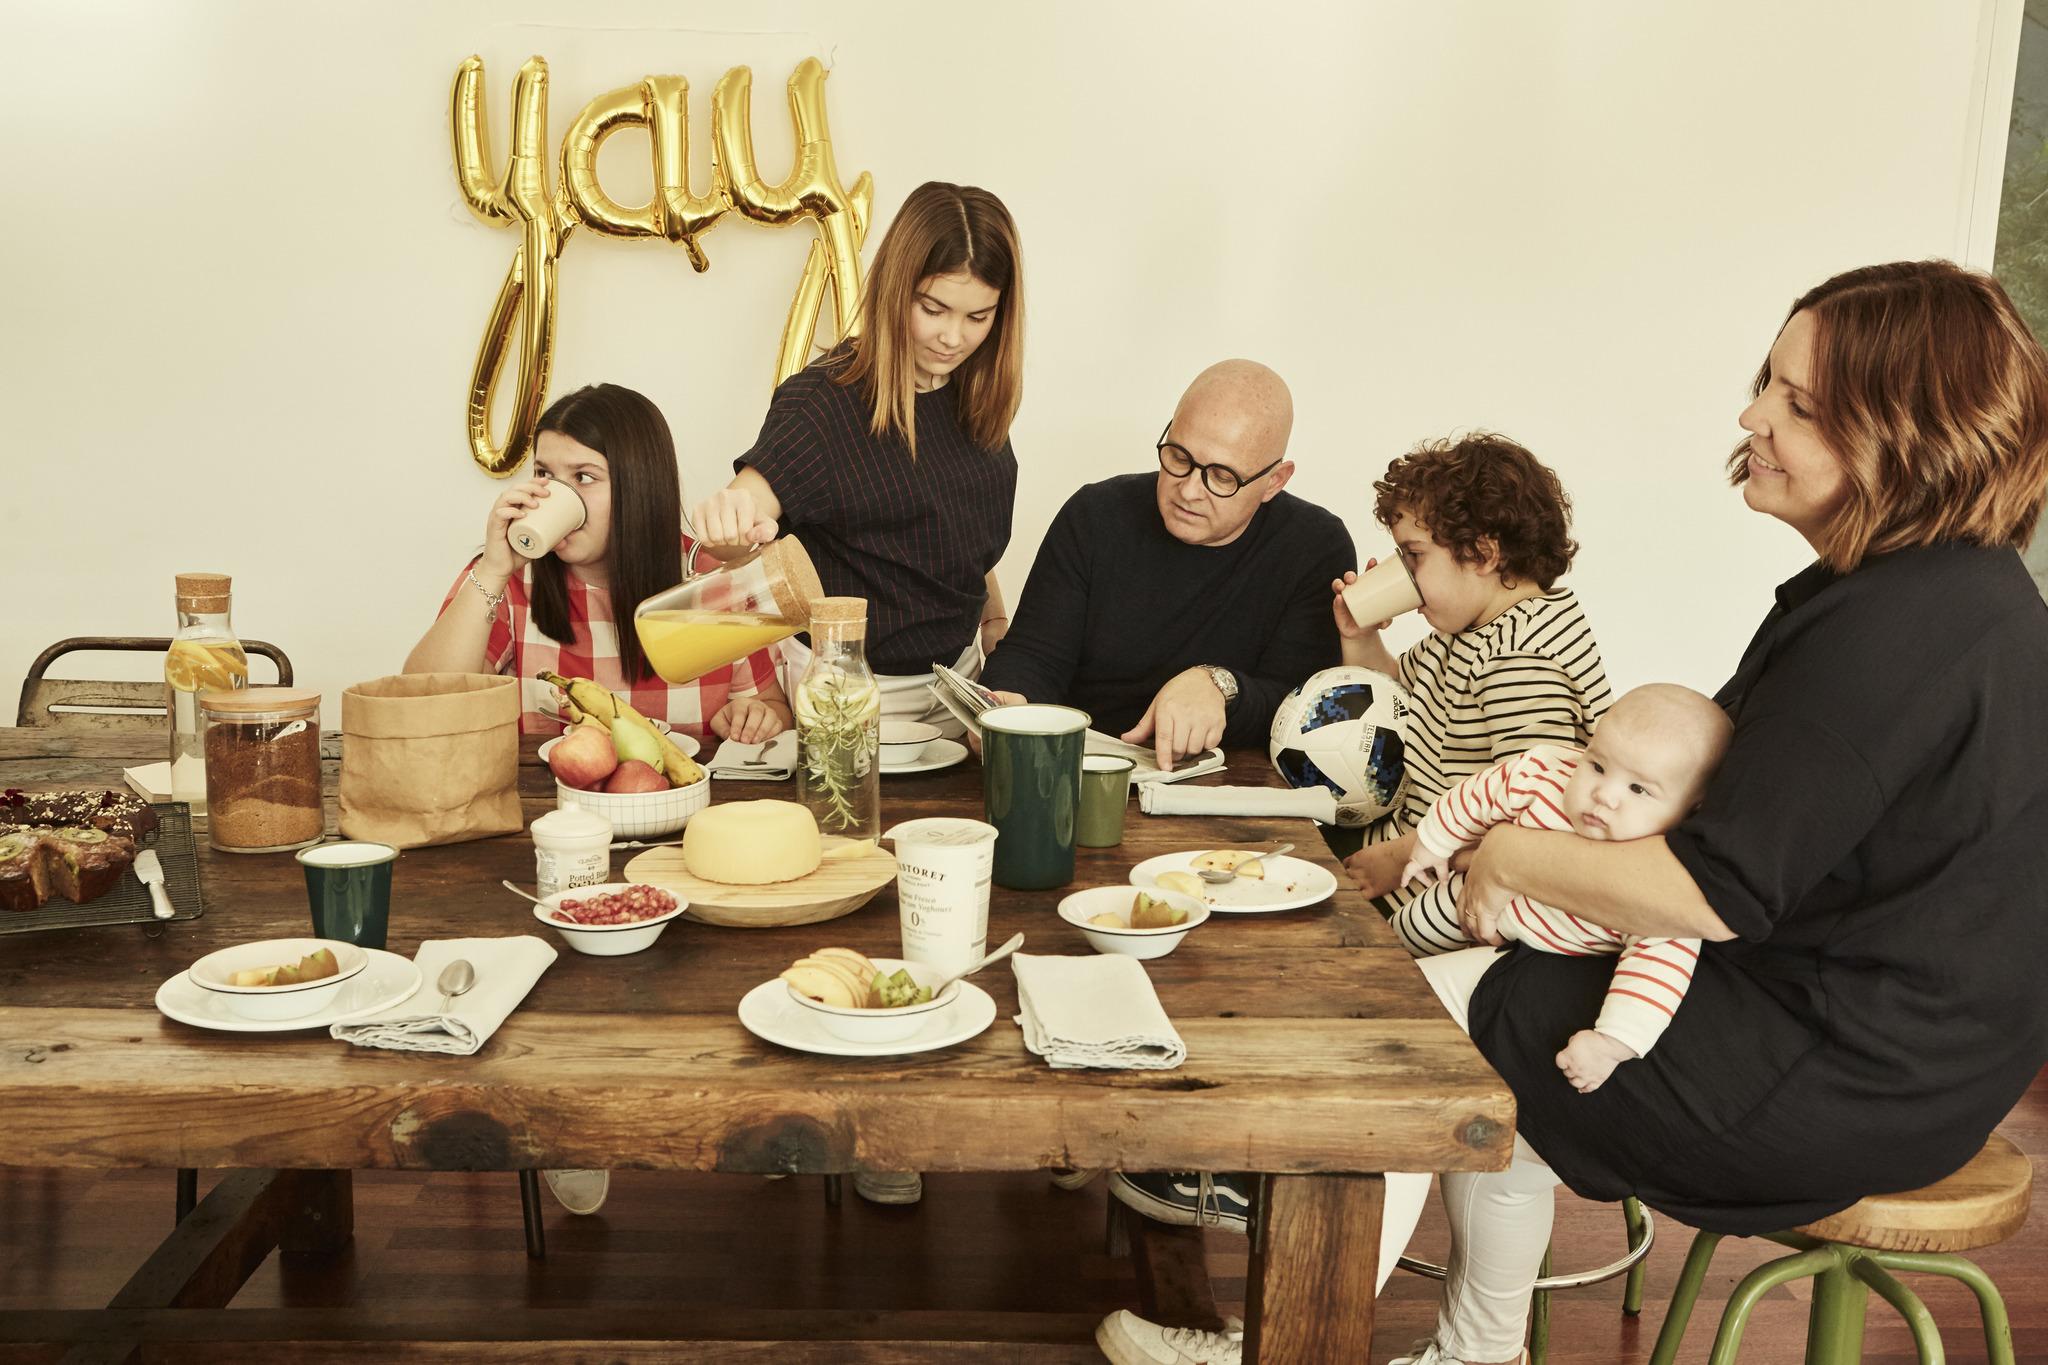 Cenar en familia es la gran oportunidad para conversar